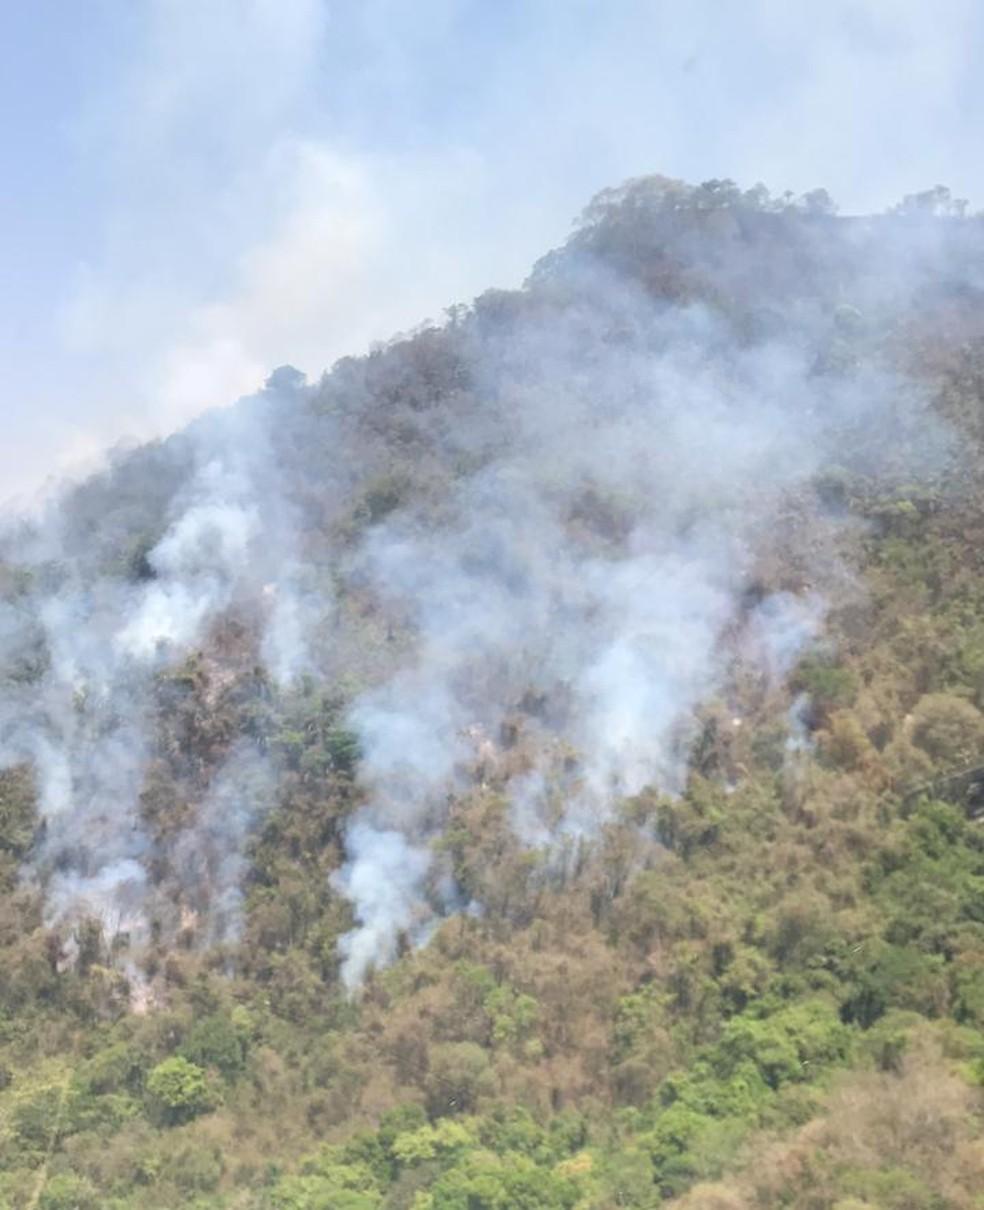 Combate ao fogo tem sido feito com apoio de equipes de Bauru e Piracicaba — Foto: Divulgação/ Base de Aviação da Polícia Militar de Piracicaba